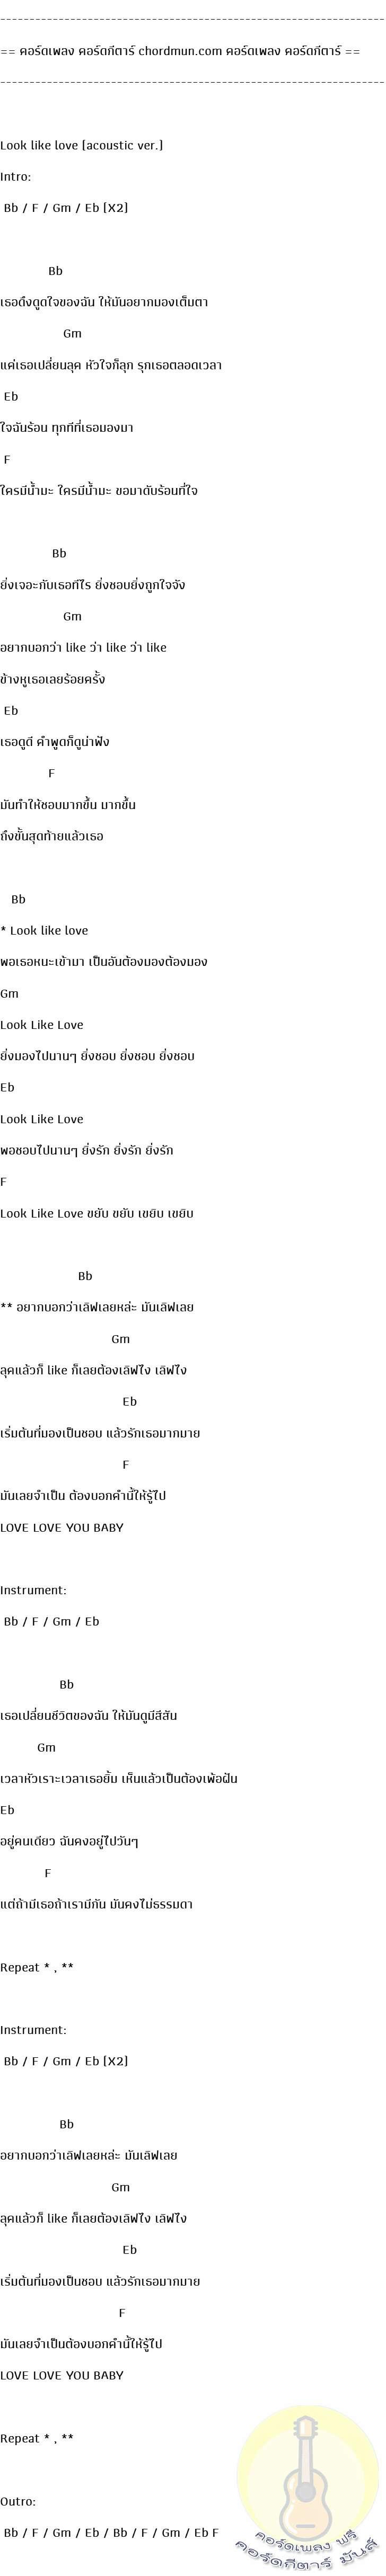 คอร์ดกีต้าร์ง่ายๆ  เพลง Look like love (acoustic ver.)